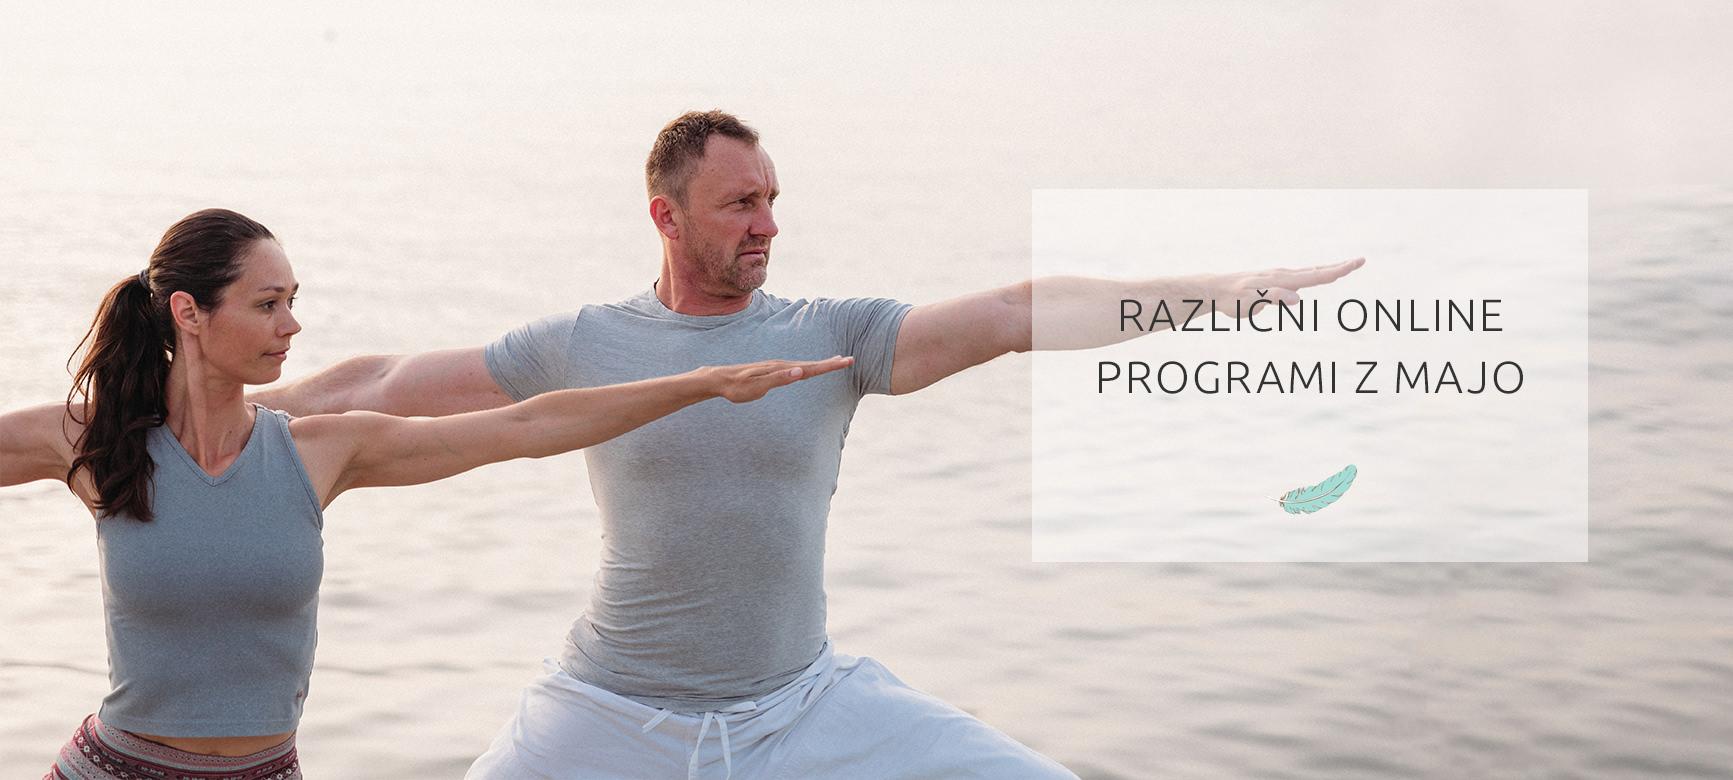 Online joga Dih center prisotnosti